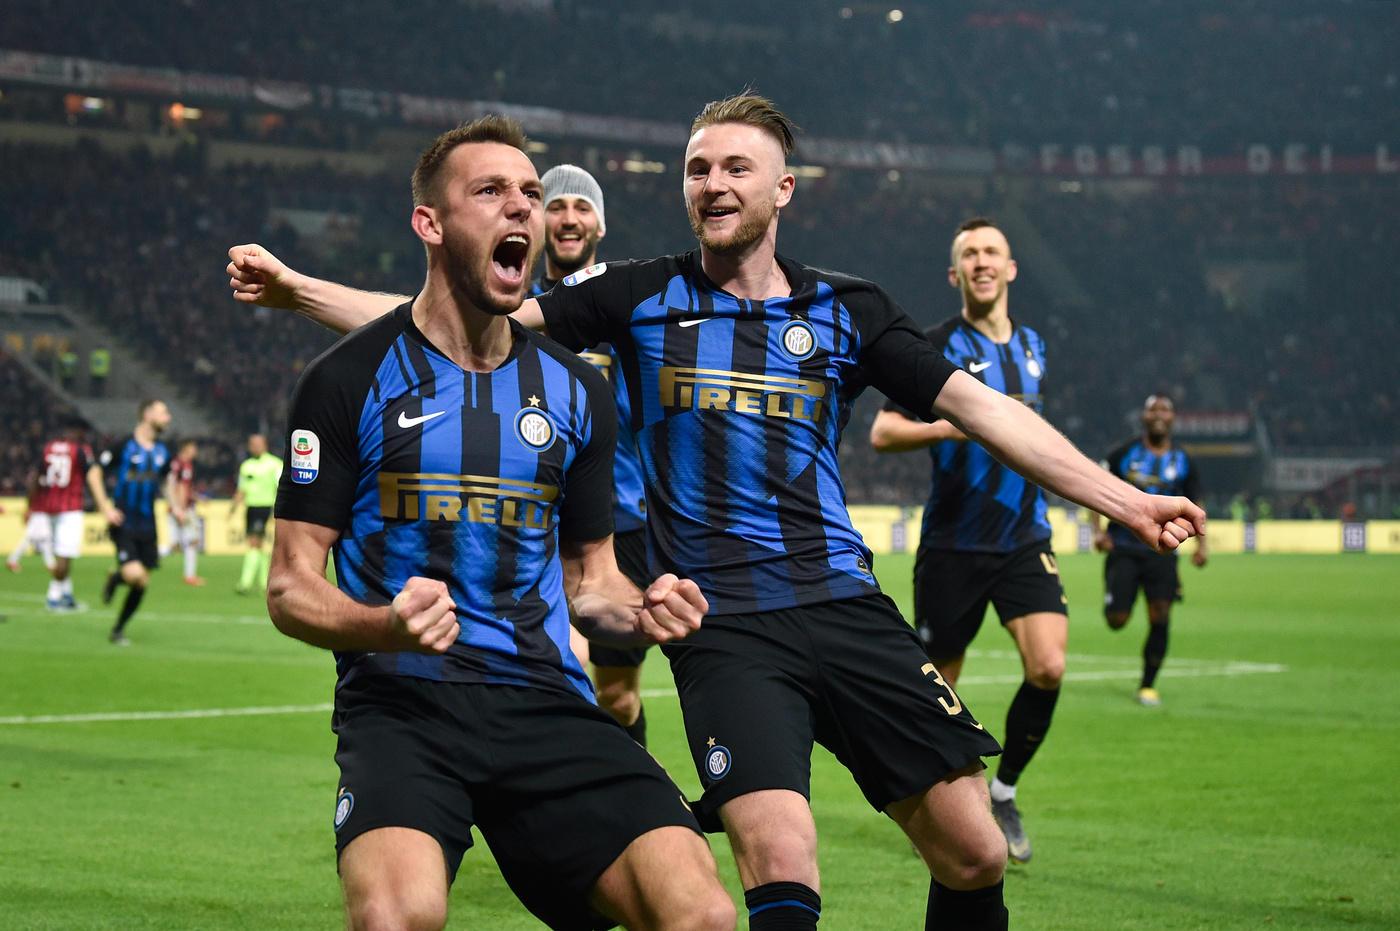 Nel posticipo della 28.ma giornata, l'Inter trionfa nel derby e torna al terzo posto, a +2 sul Milan. A San Siro finisce 3-2 per i nerazzurri, che sbloccano il match al 3' con Vecino e poi trovano il raddoppio grazie a De Vrij in avvio di ripresa (51'). La squadra di Gattuso accorcia le distanze con il colpo di testa di Bakayoko (57'), ma al 67' Lautaro Martinez cala il tris su calcio di rigore. L'ultima rete ha la firma di Musacchio (71').